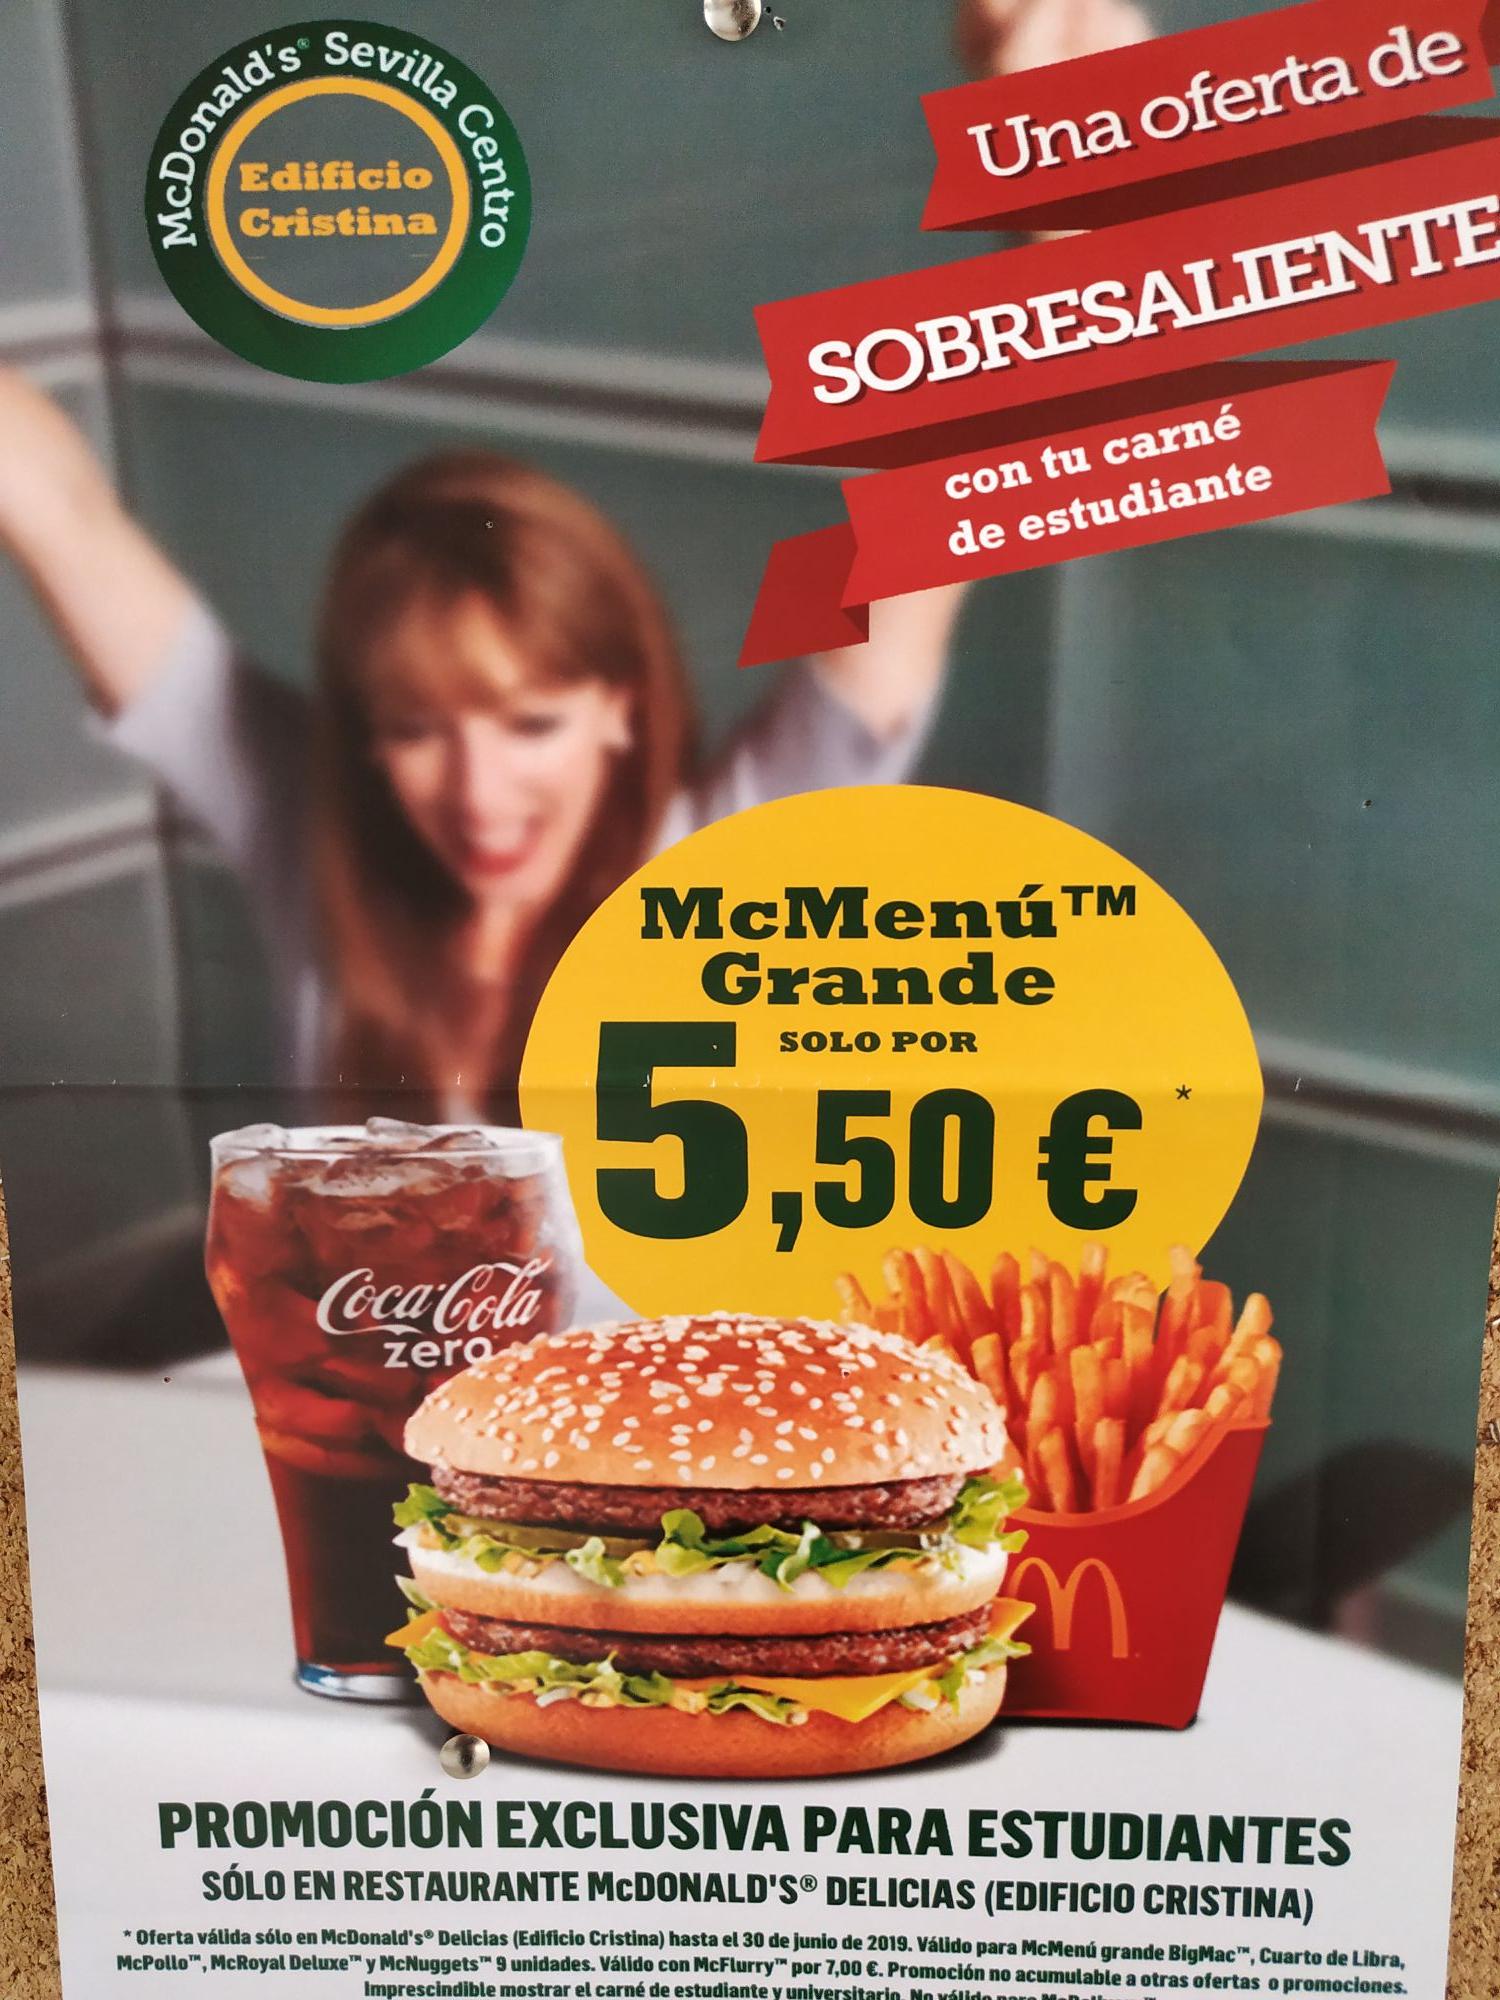 McMenú grande 5.50€ para estudiantes en Sevilla